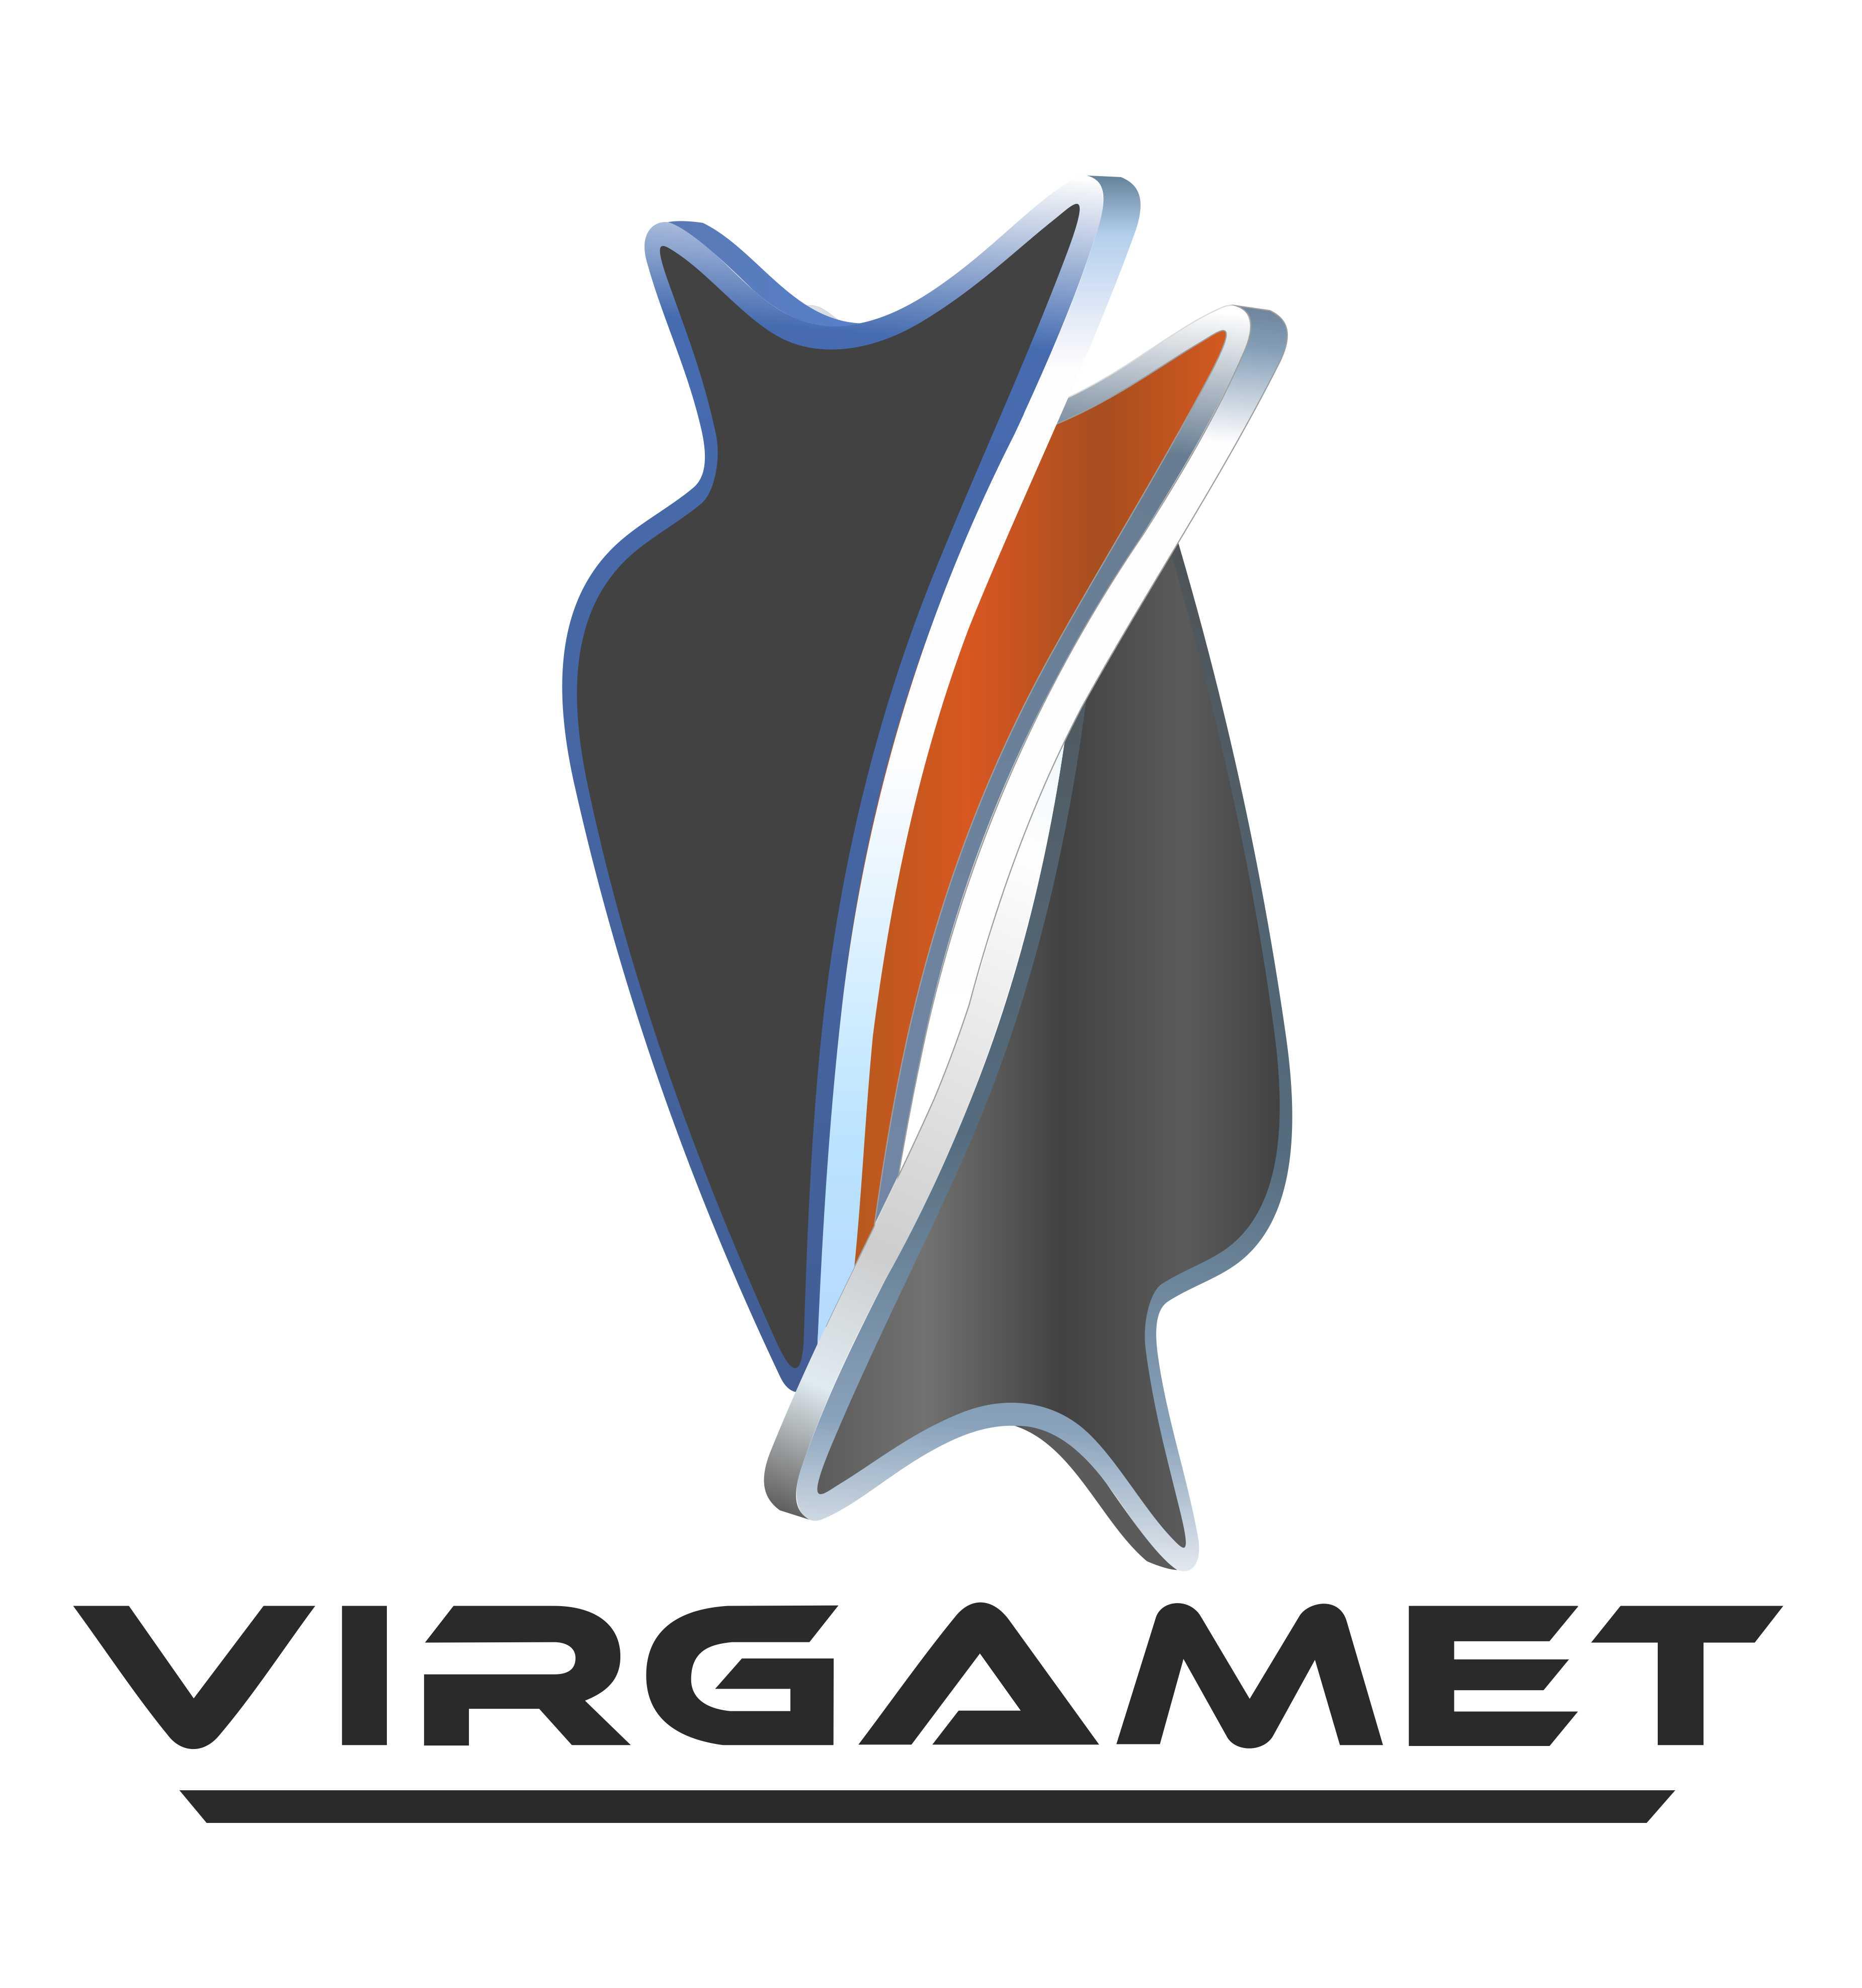 VIRGAMET